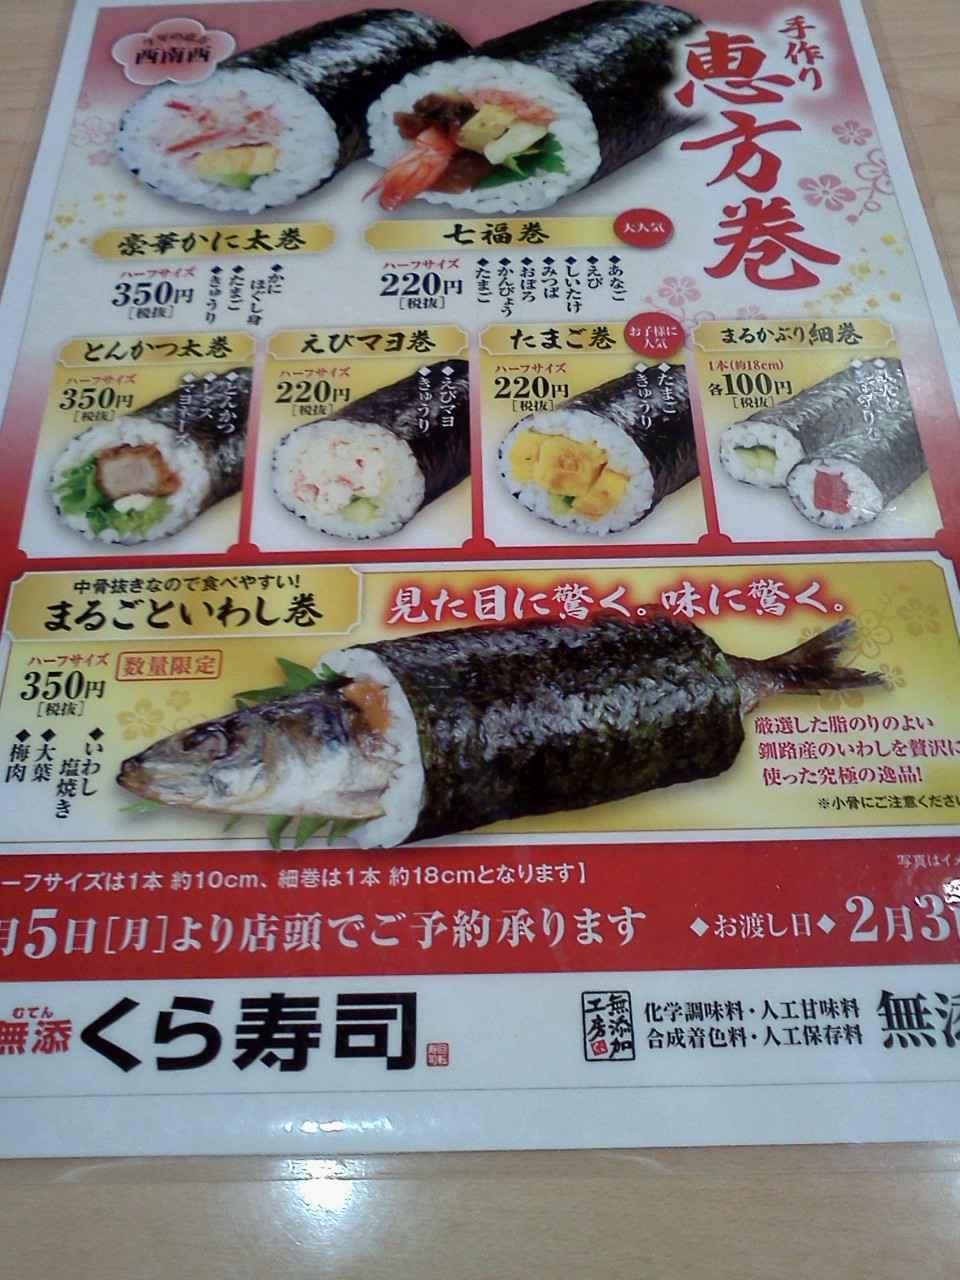 くら寿司 まるごといわし巻